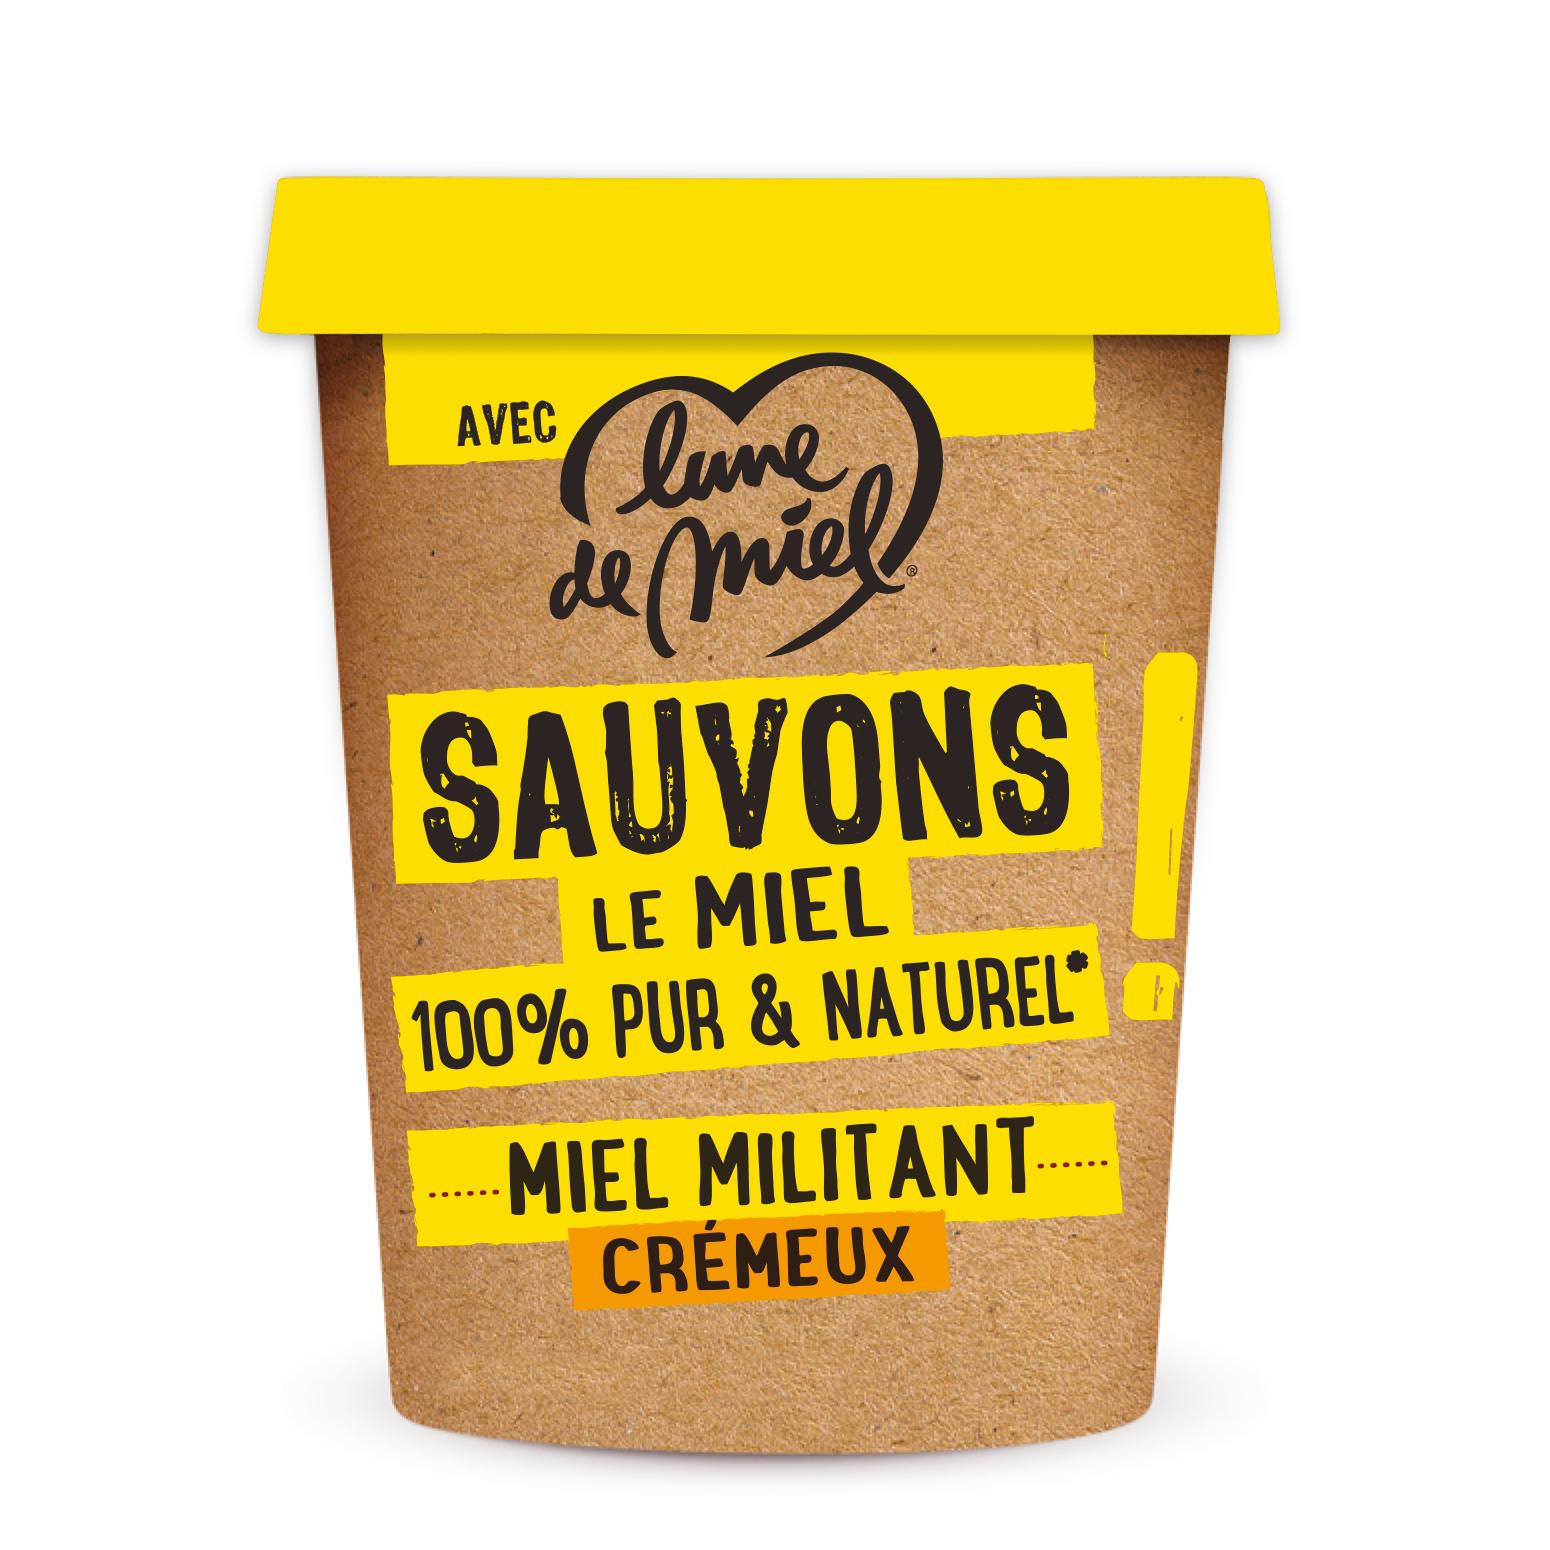 LDM Miel Militant CrCmeux 500 g - Lune de miel créé la gamme Le Miel Militant